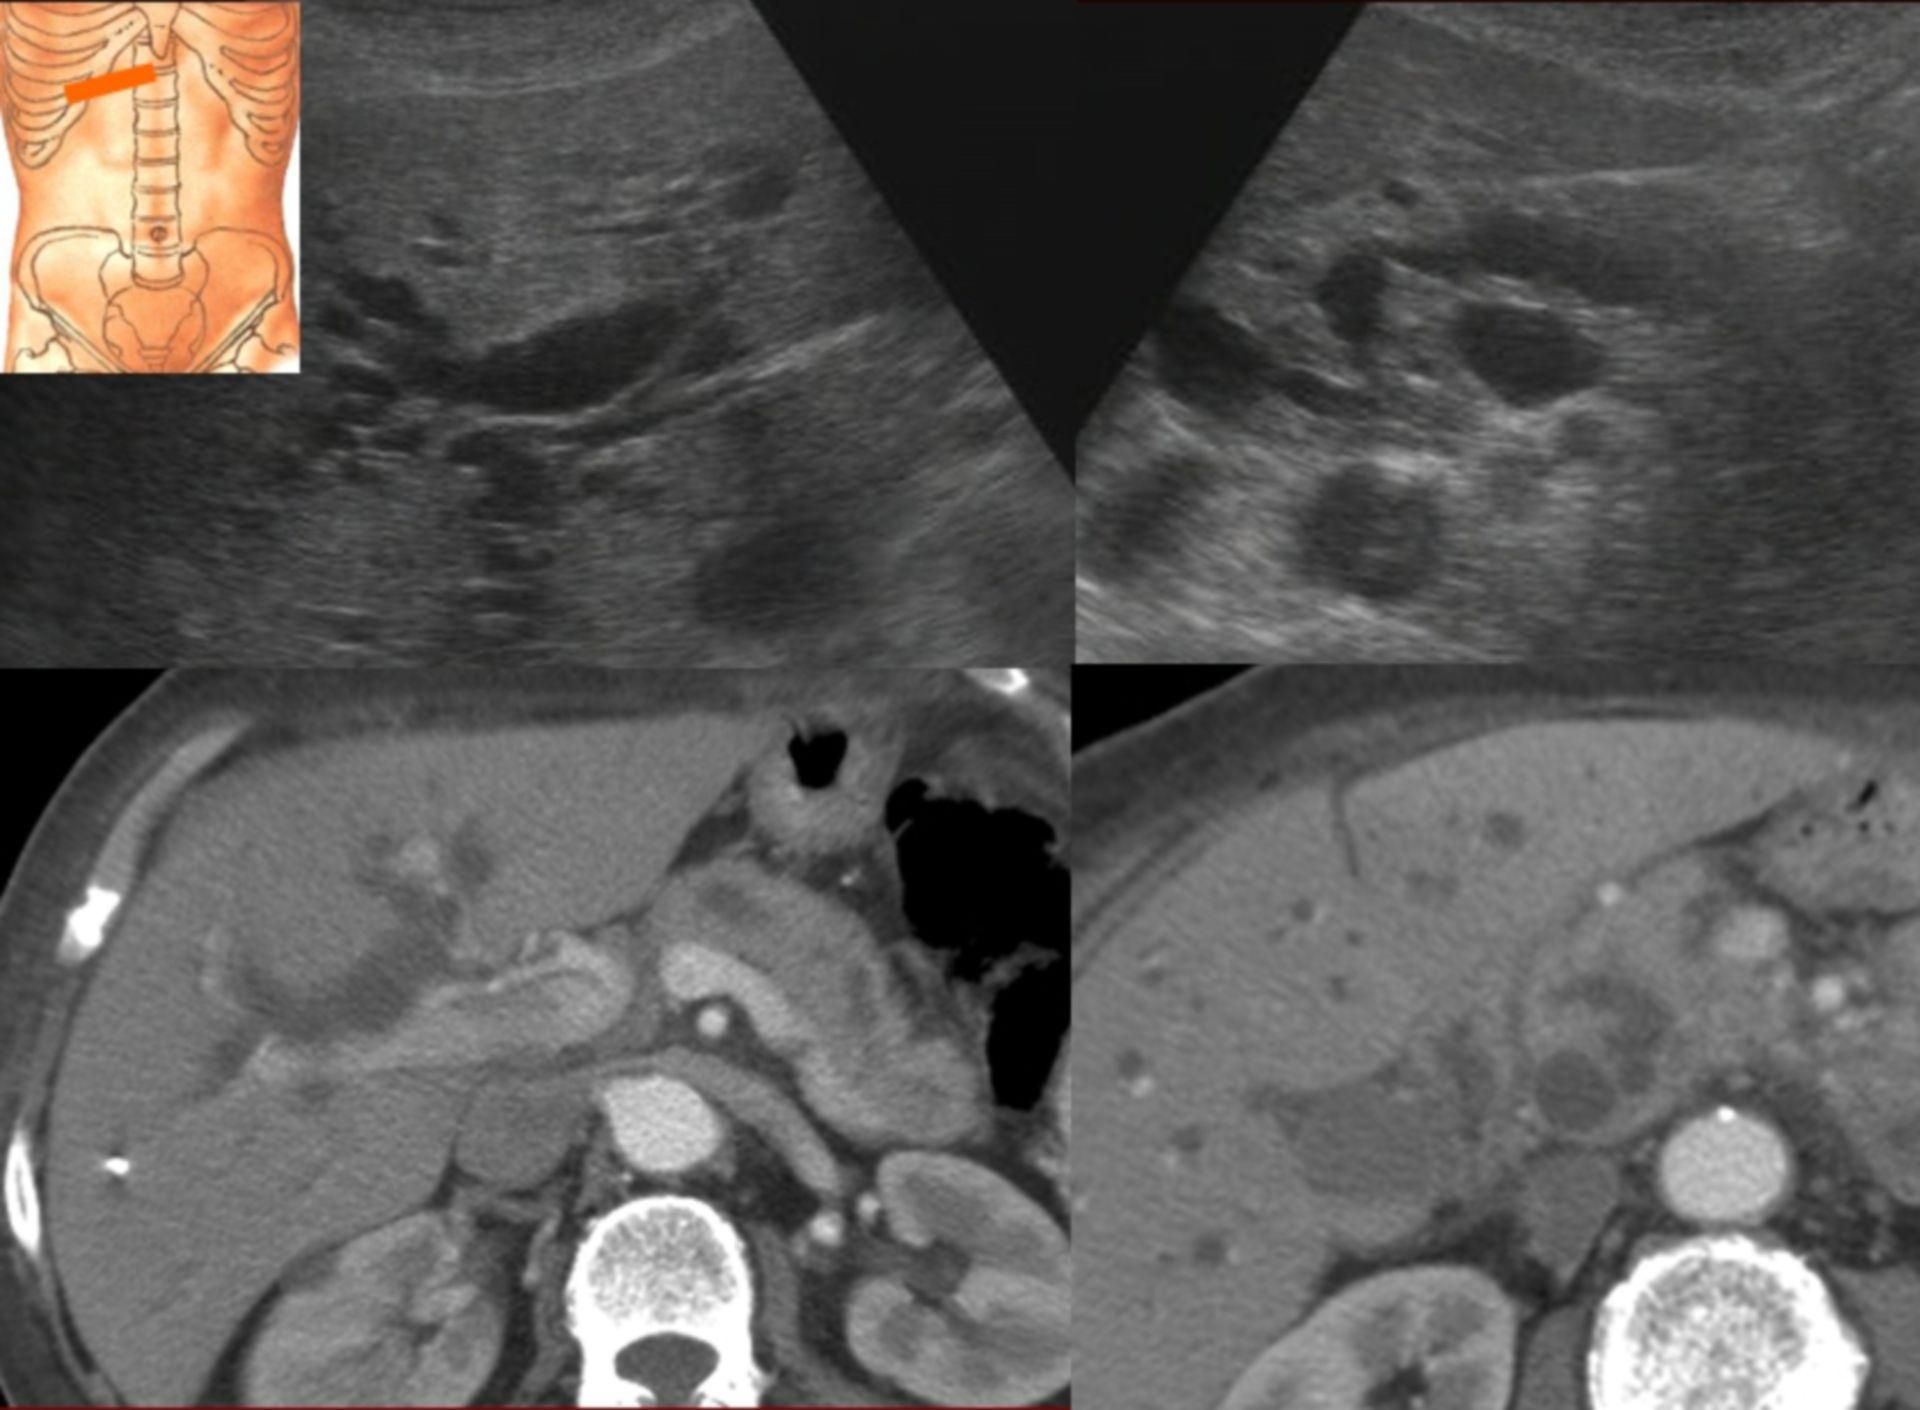 Intrahepatic cholestasis